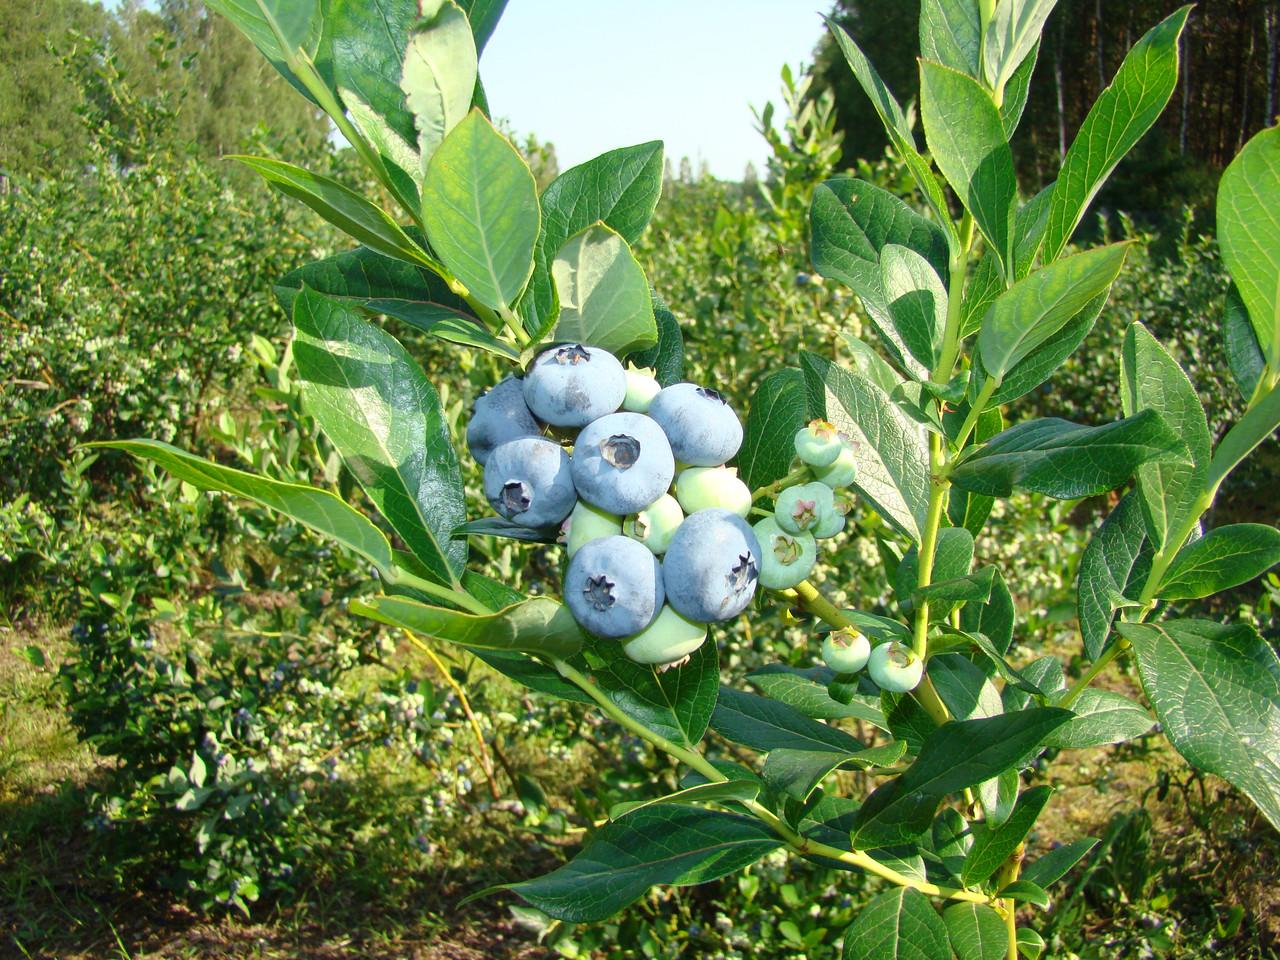 Голубика патриот - как выращивать и ухаживать